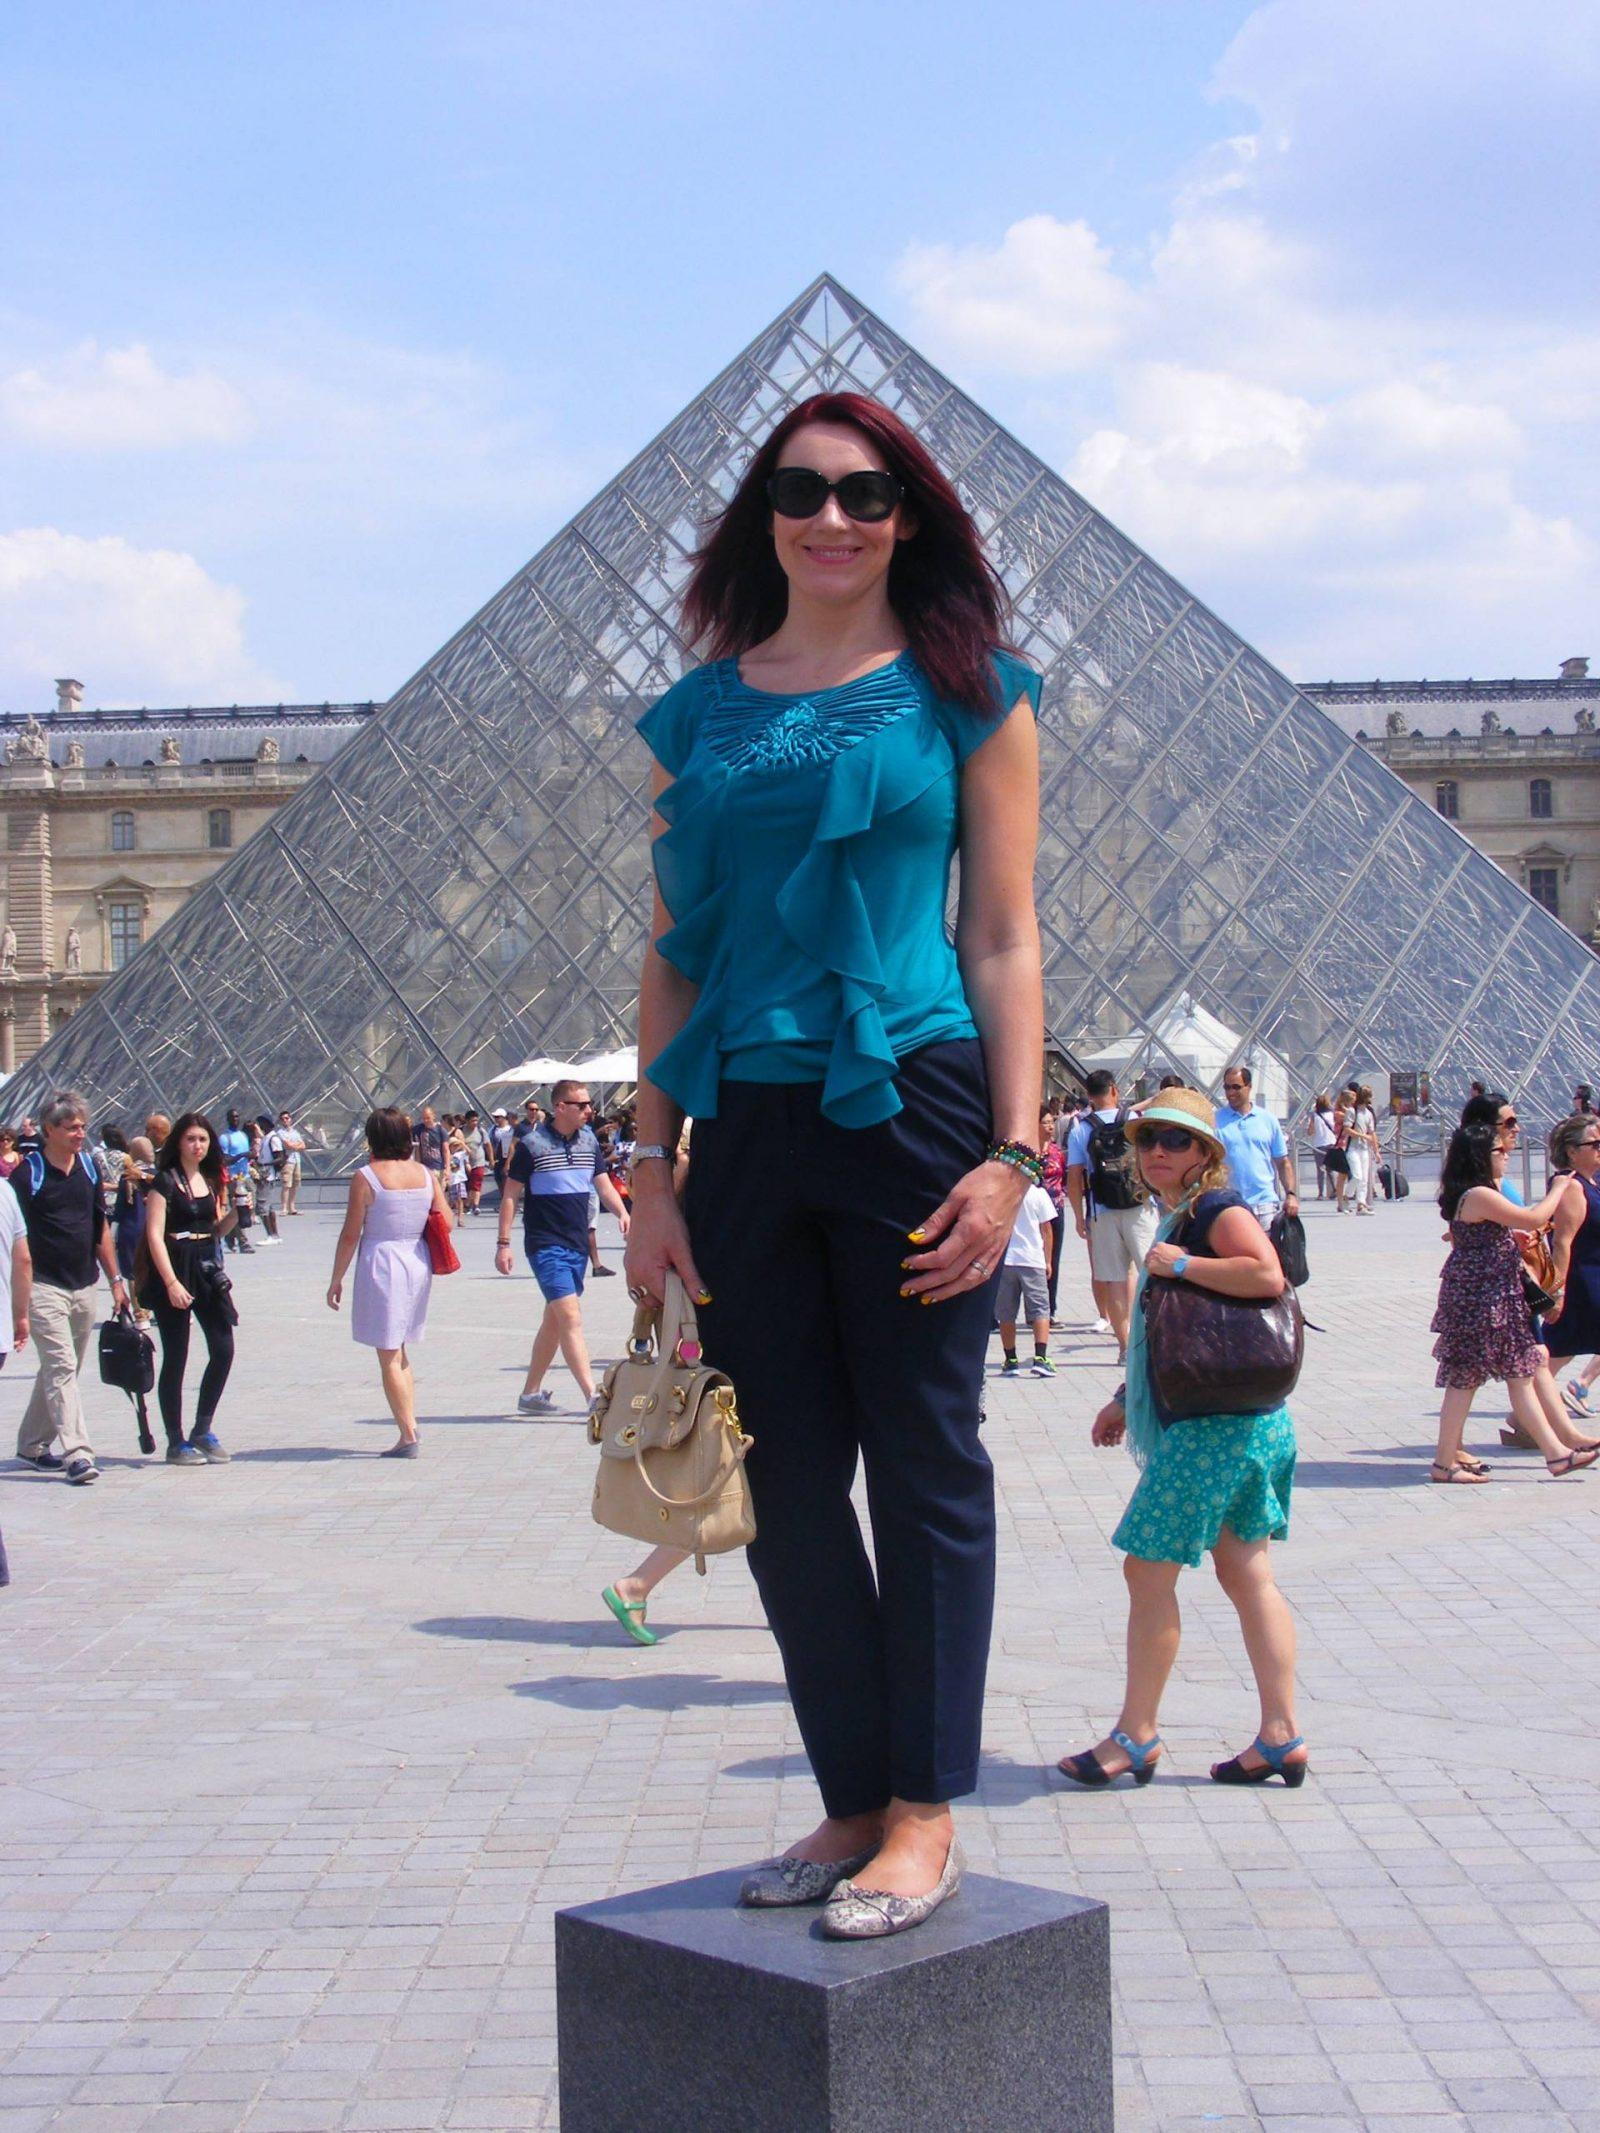 Paris Day 2 | Louvre and Sacré-Cœur, Louvre pyramid